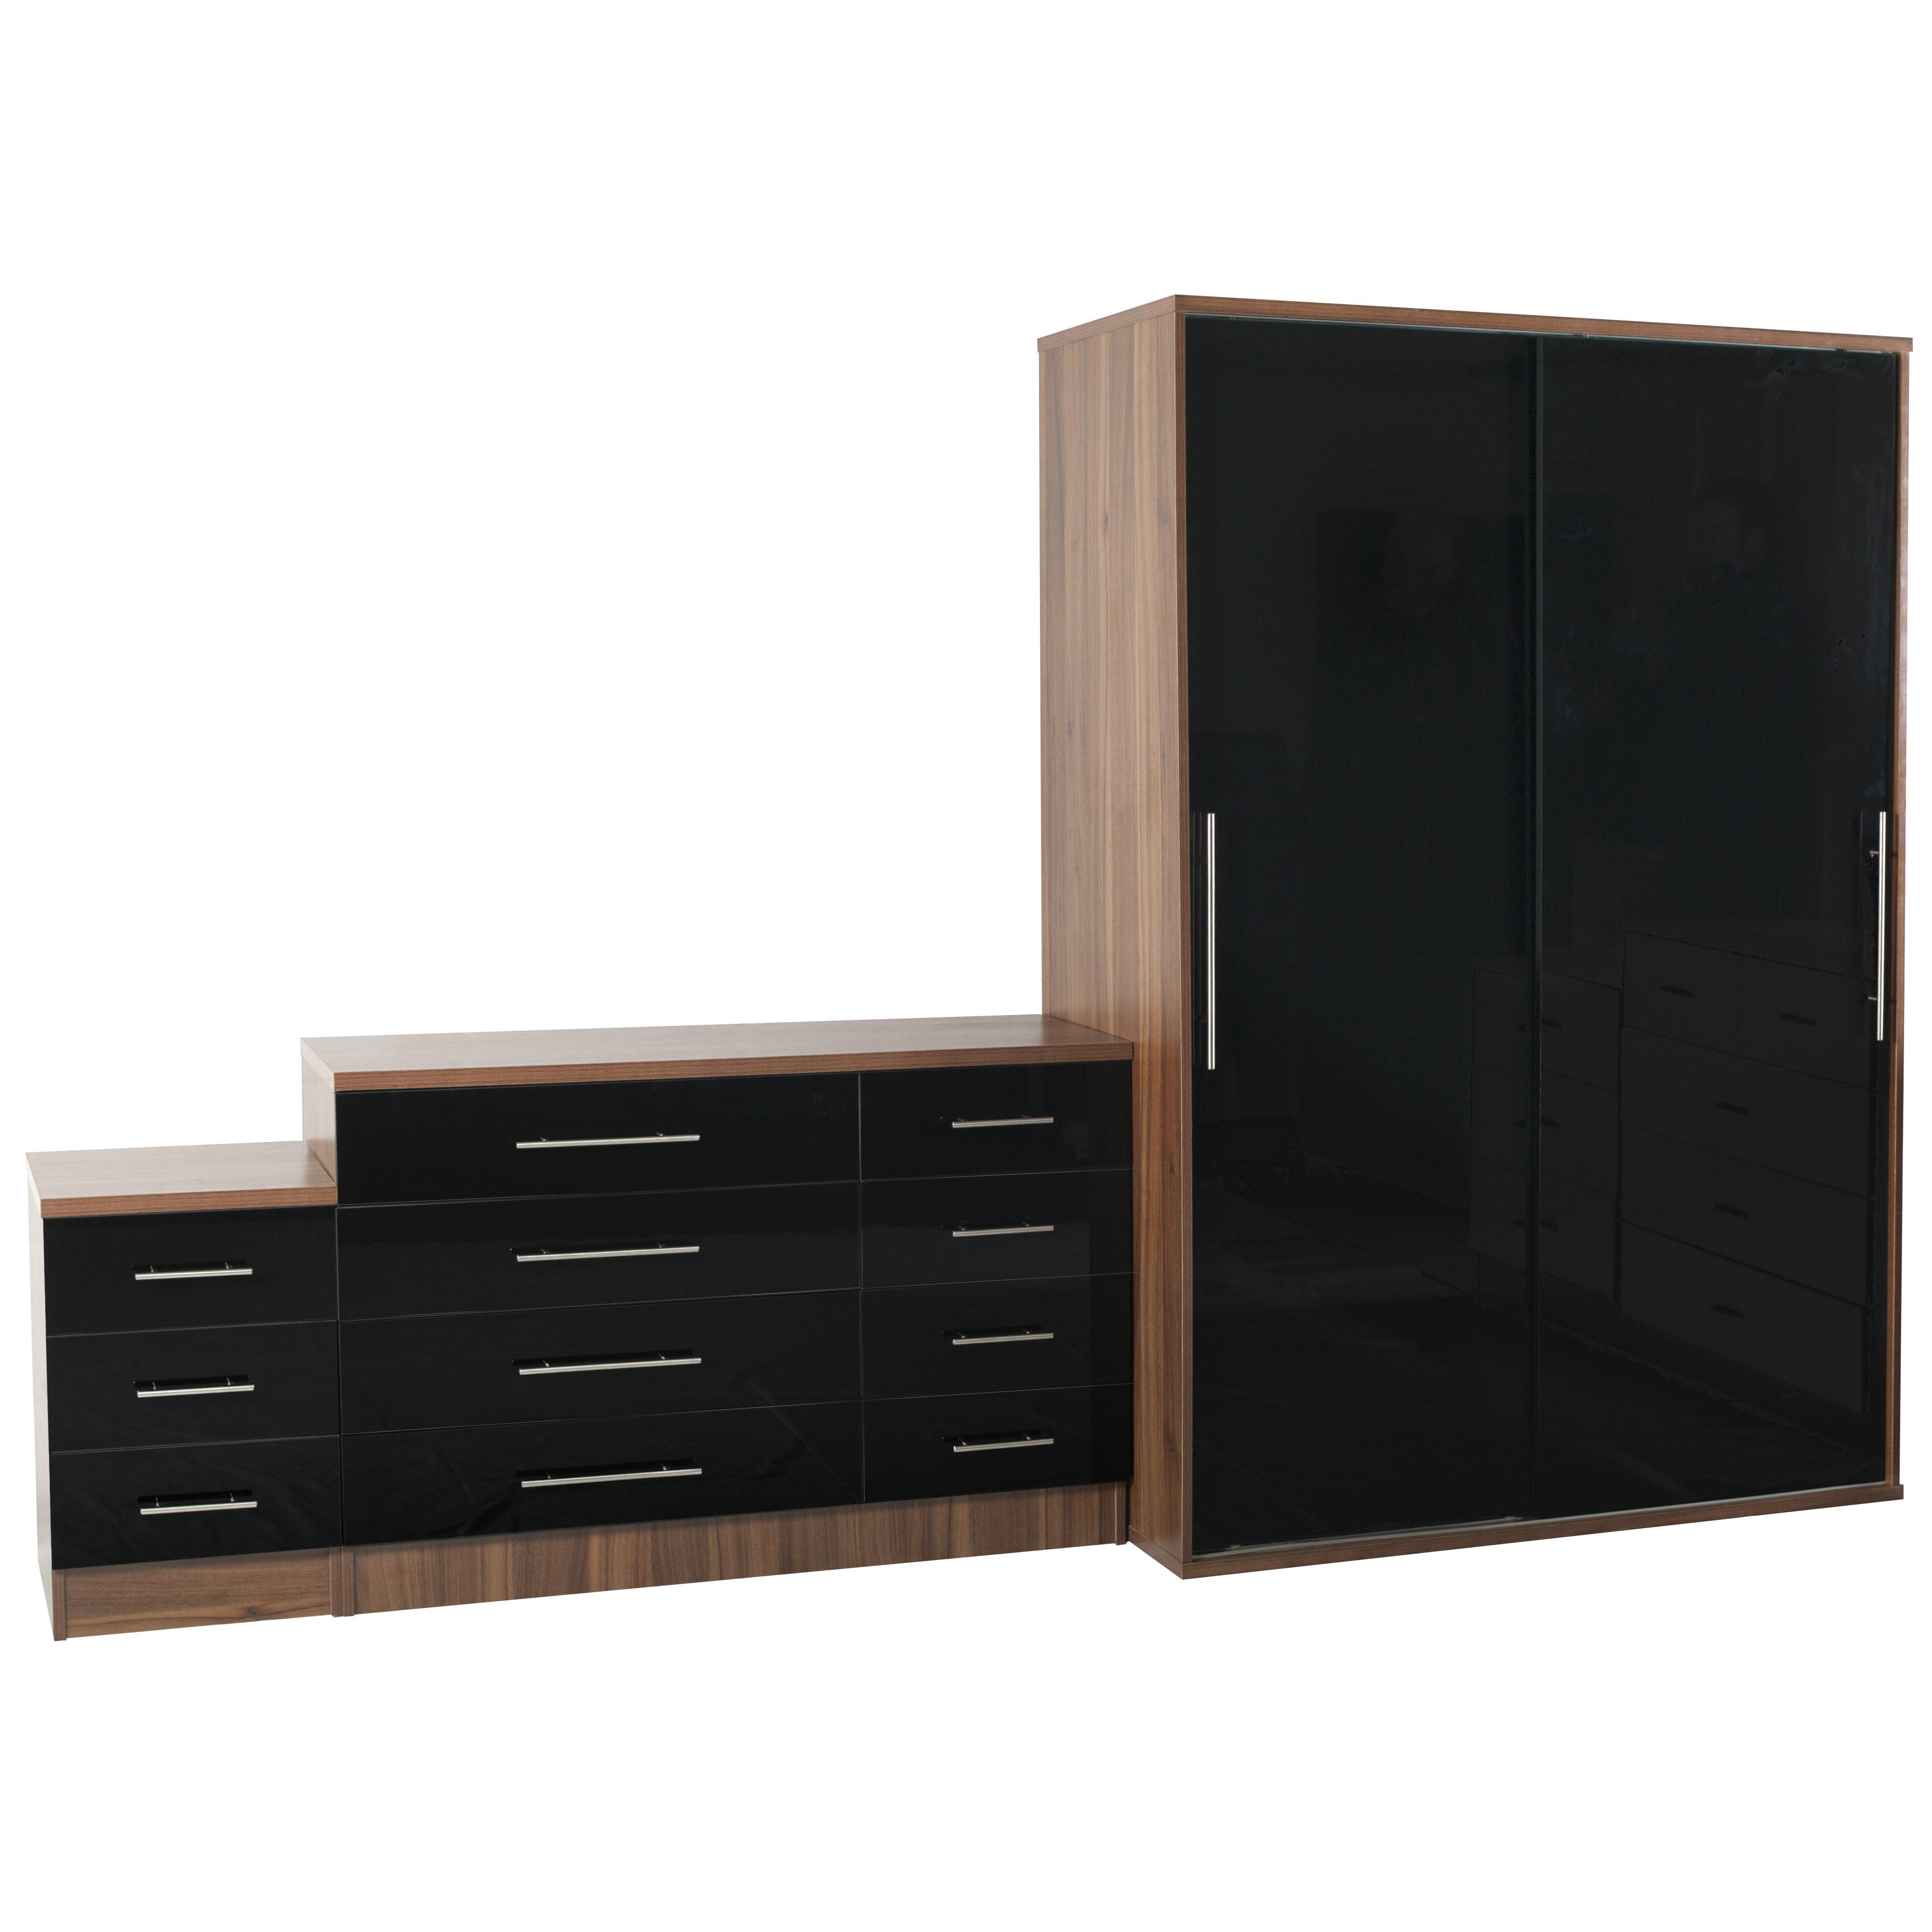 Home etc owen trio bedroom set reviews wayfair uk for Furniture etc reviews